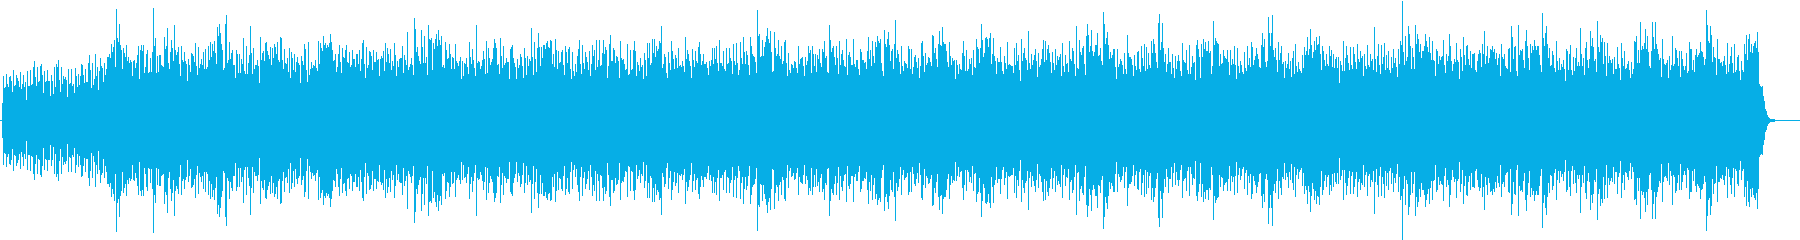 和風のユーロビート 疾走感 頭文字Dの再生済みの波形